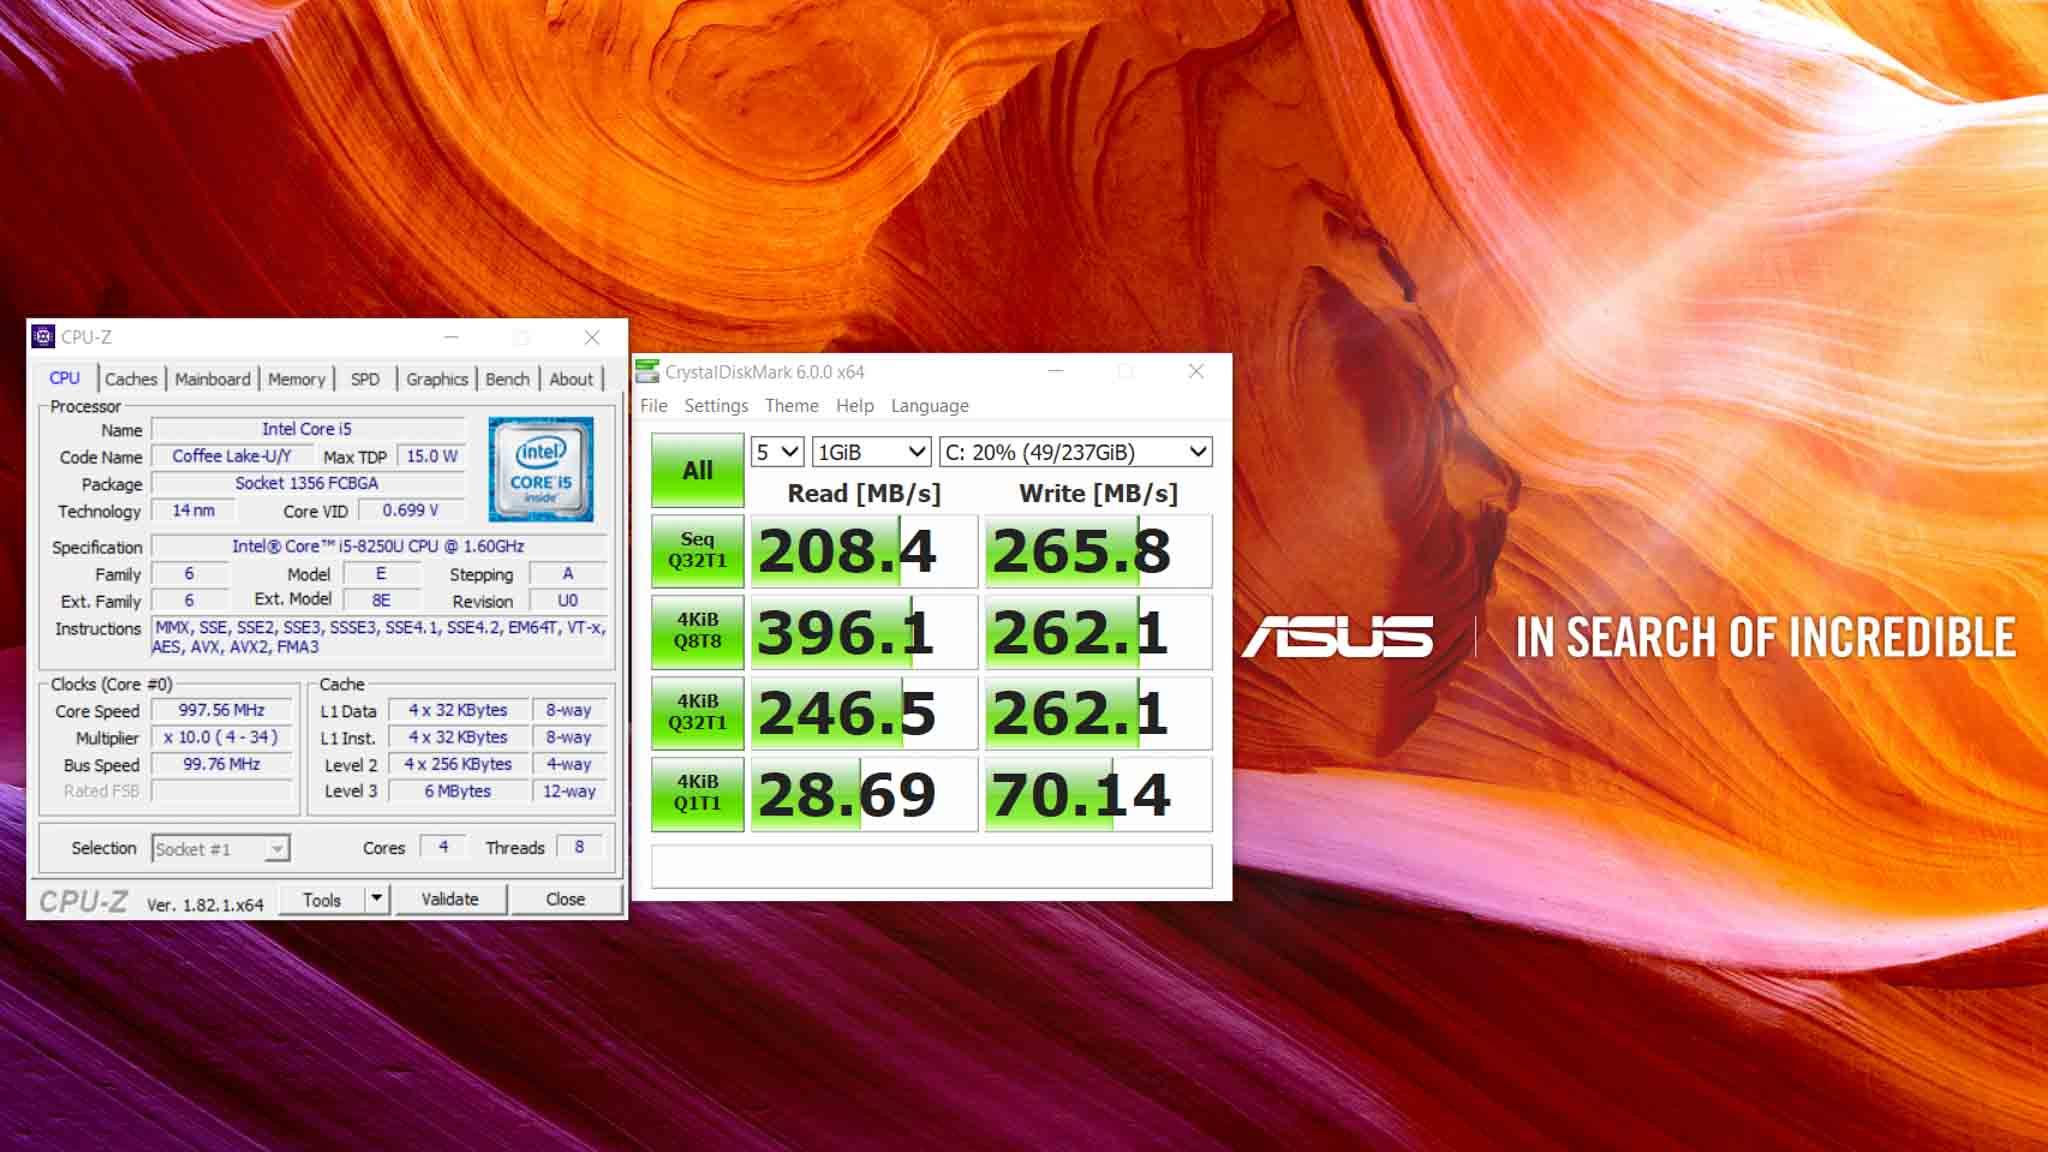 ASUS_UX430_test_2-1.jpg